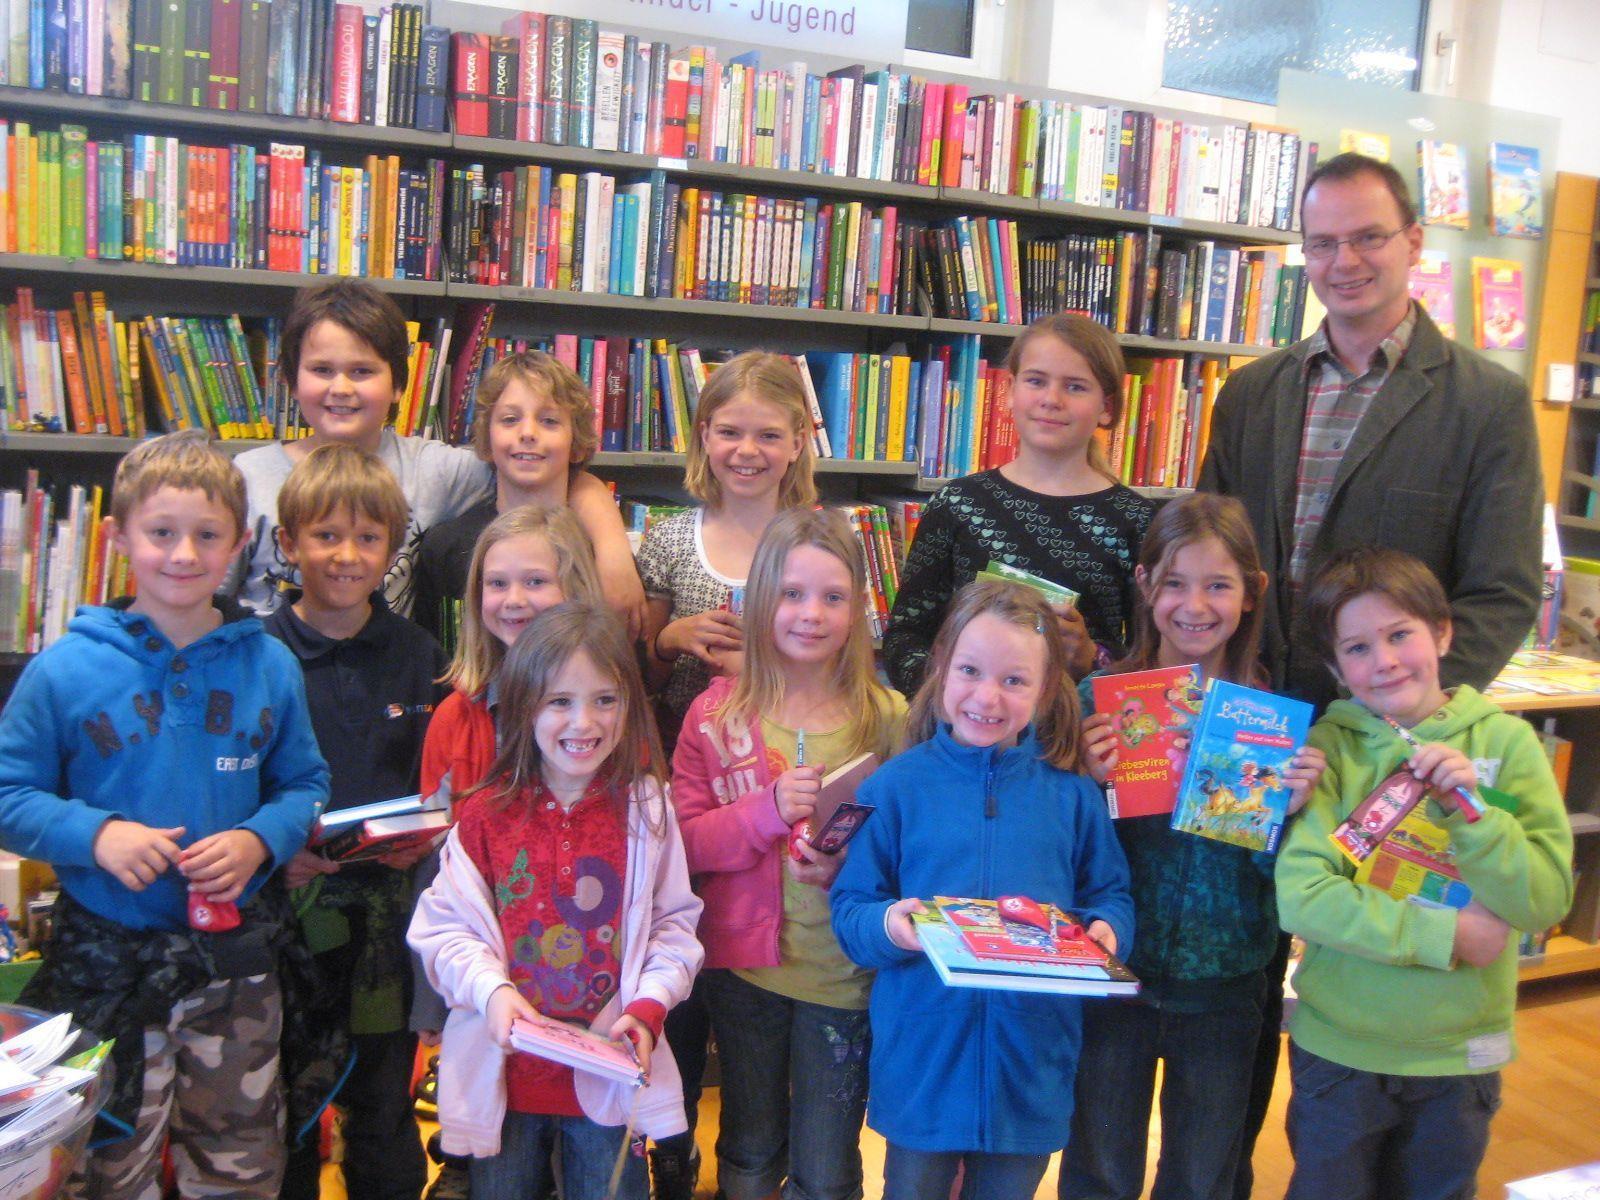 Die Volksschüler hatten mit Direktor Daniel Amann eine grosse Freude, sich ein Buch auszusuchen.